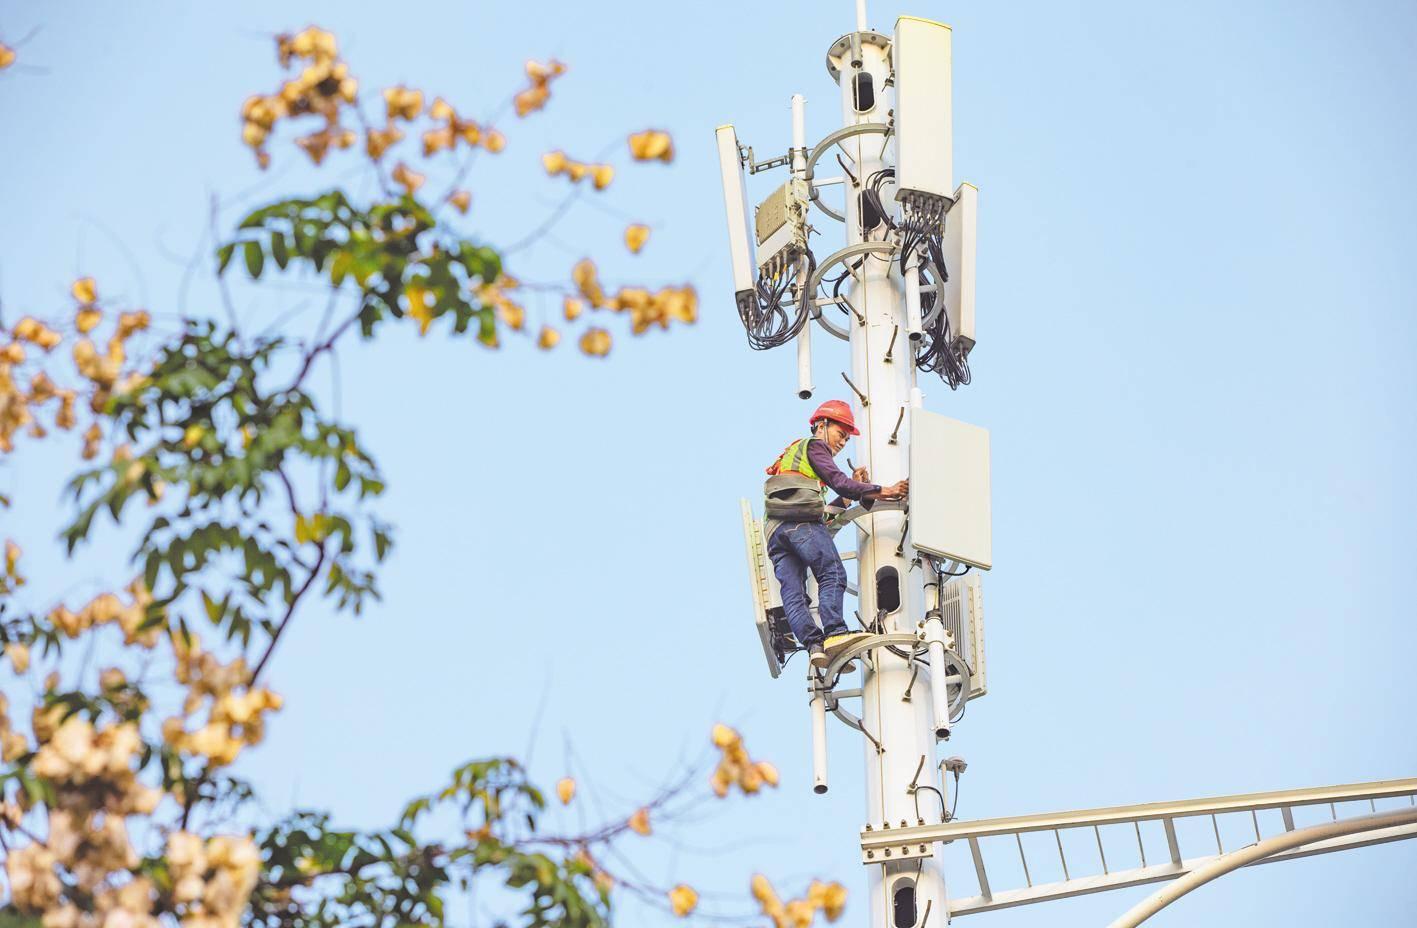 襄阳建成5G基站1600多个